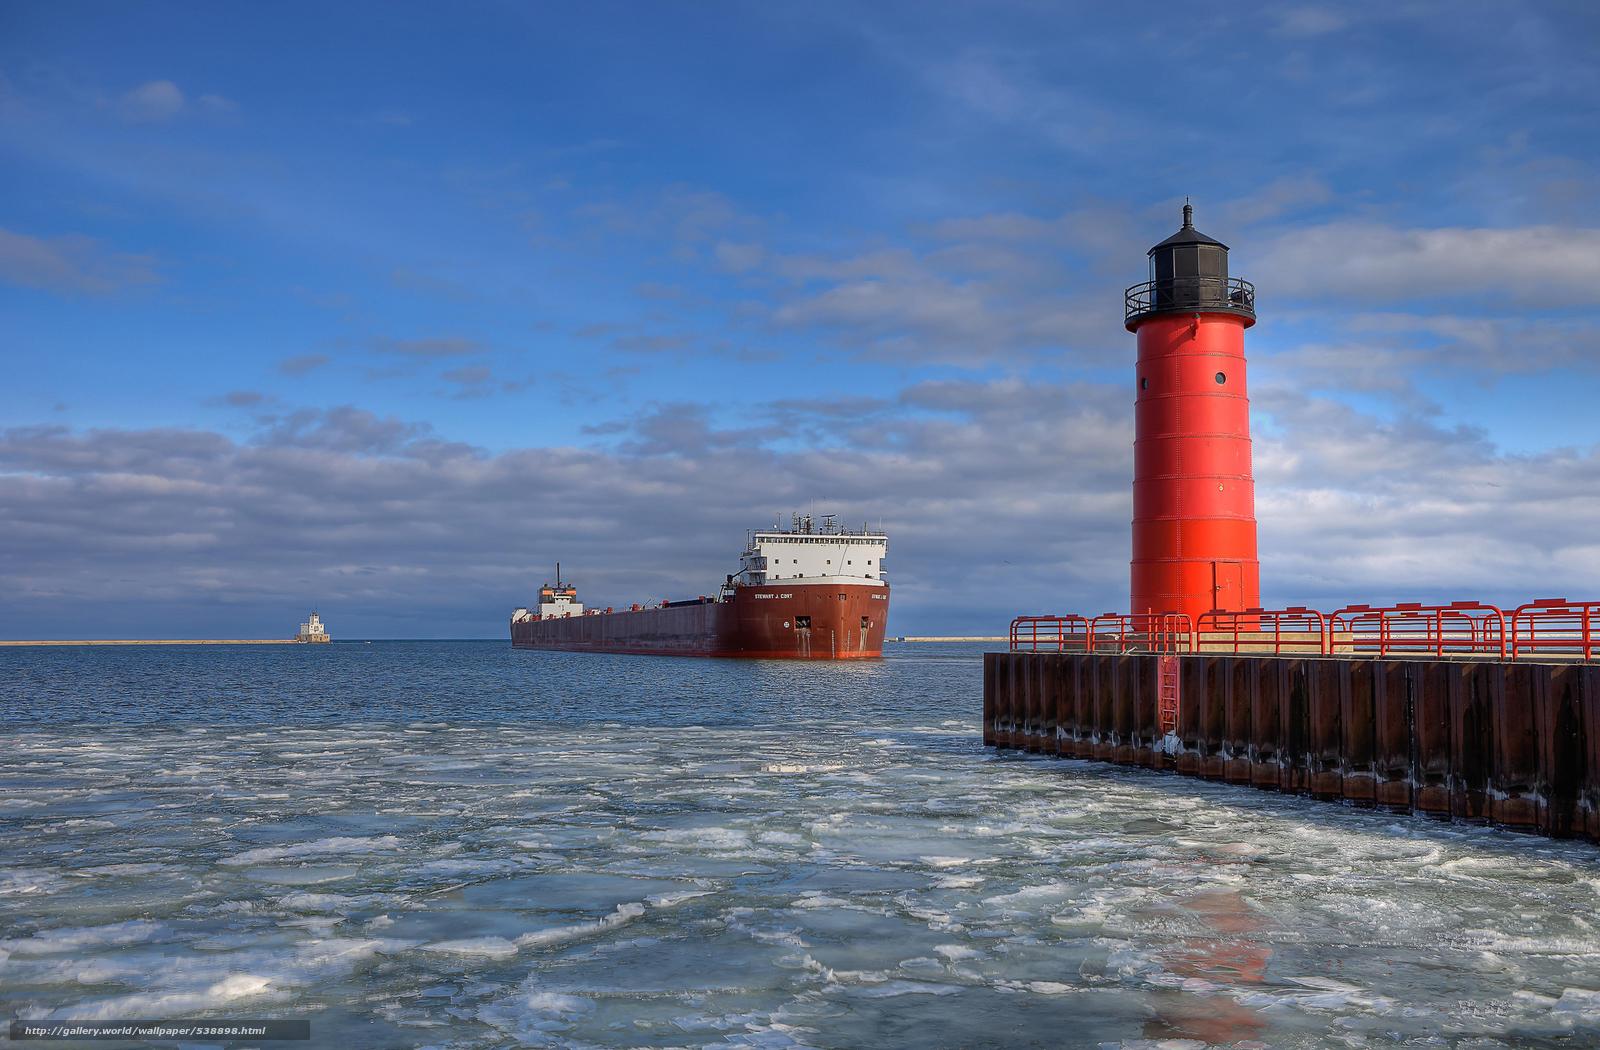 Скачать обои Stewart J.Cort,  Ship,  Milwaukee,  Pierhead бесплатно для рабочего стола в разрешении 2048x1344 — картинка №538898